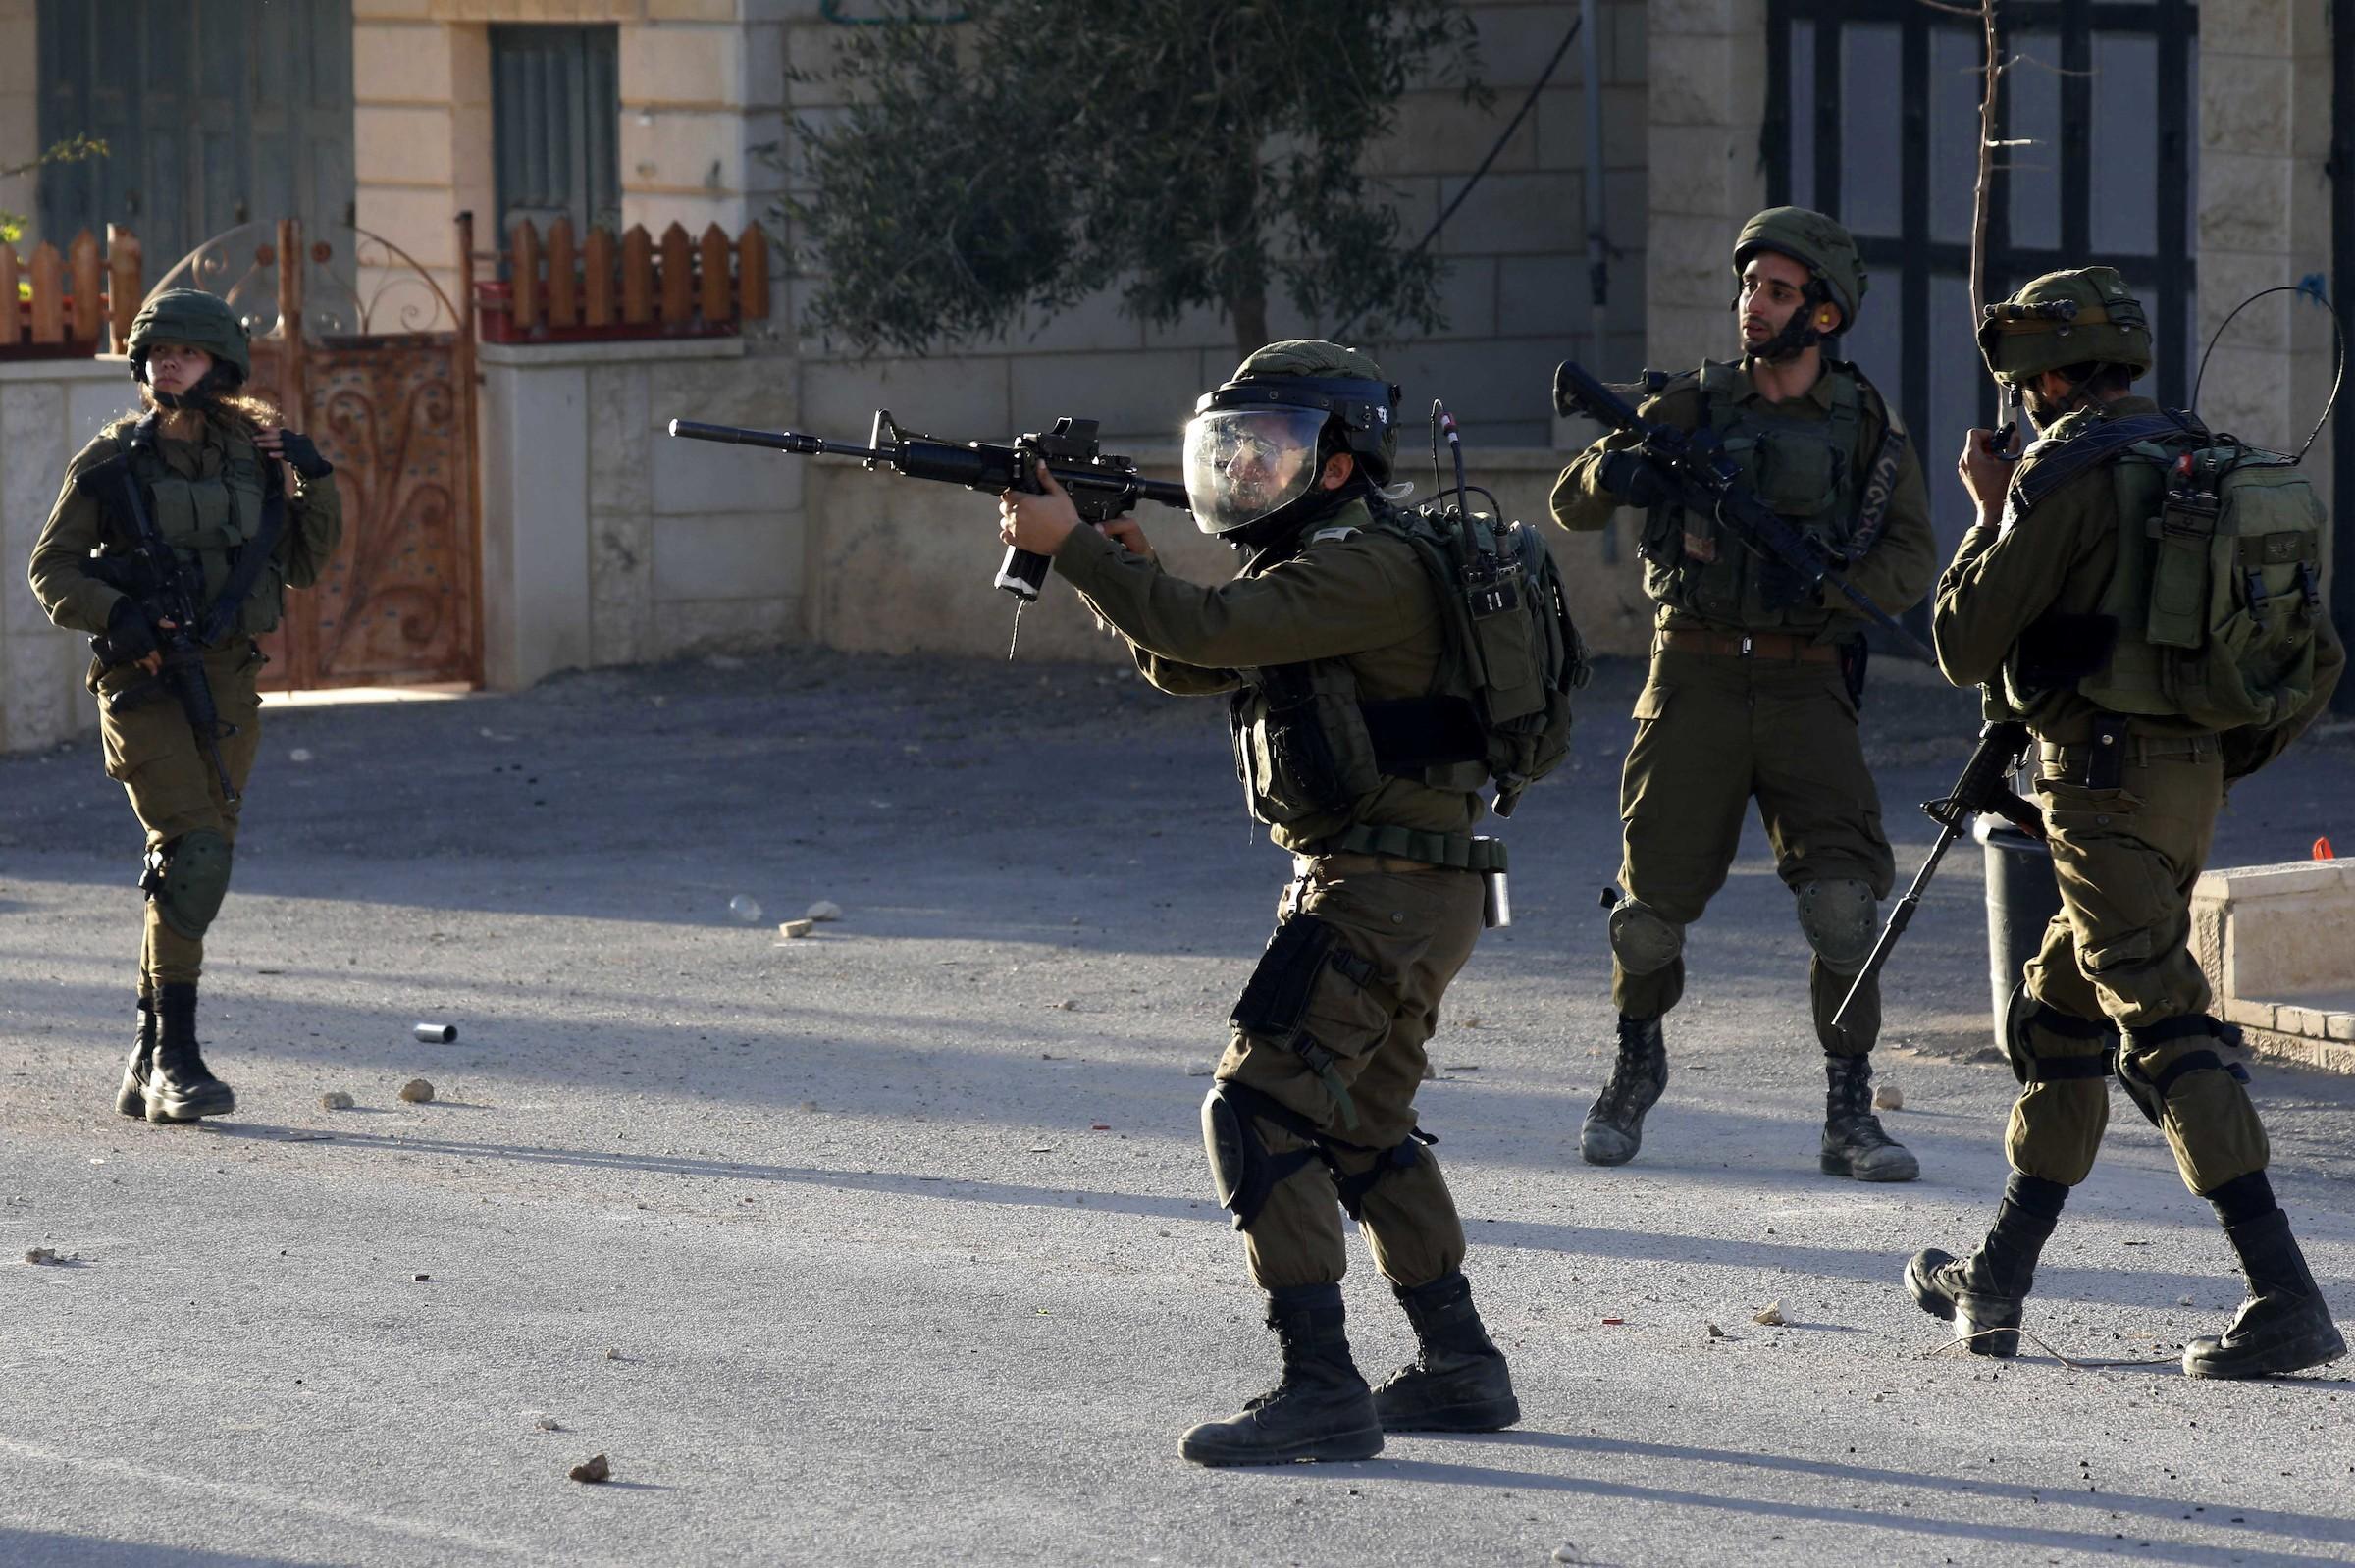 الاحتلال يعتدي على المواطنين في القدس ويستولي على بسطات الباعة المتجولين